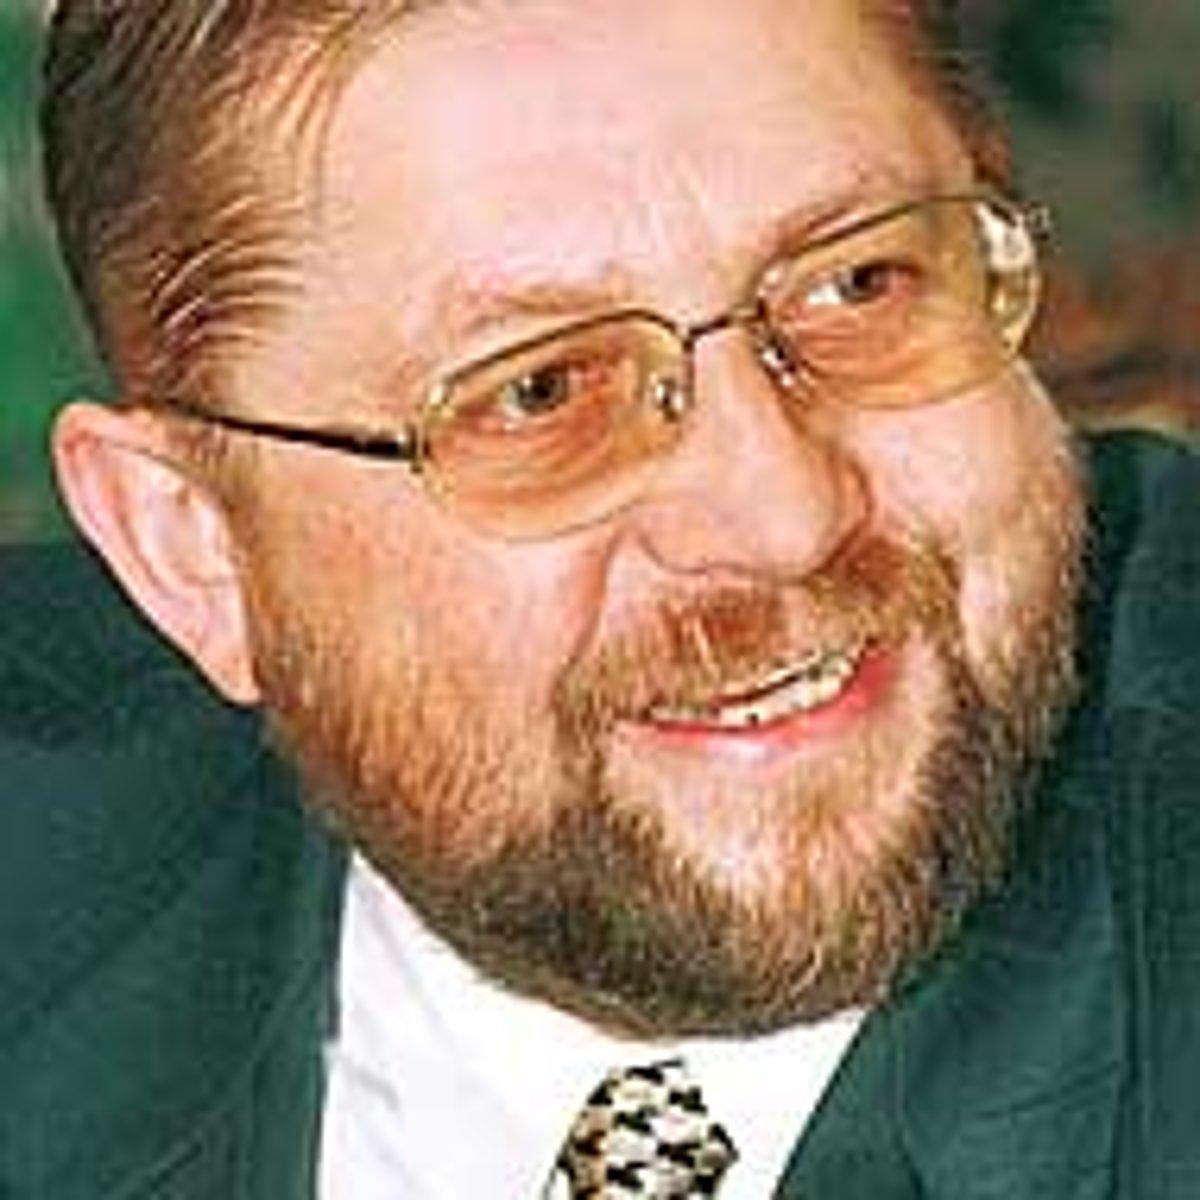 Presidentson vill till slovakien